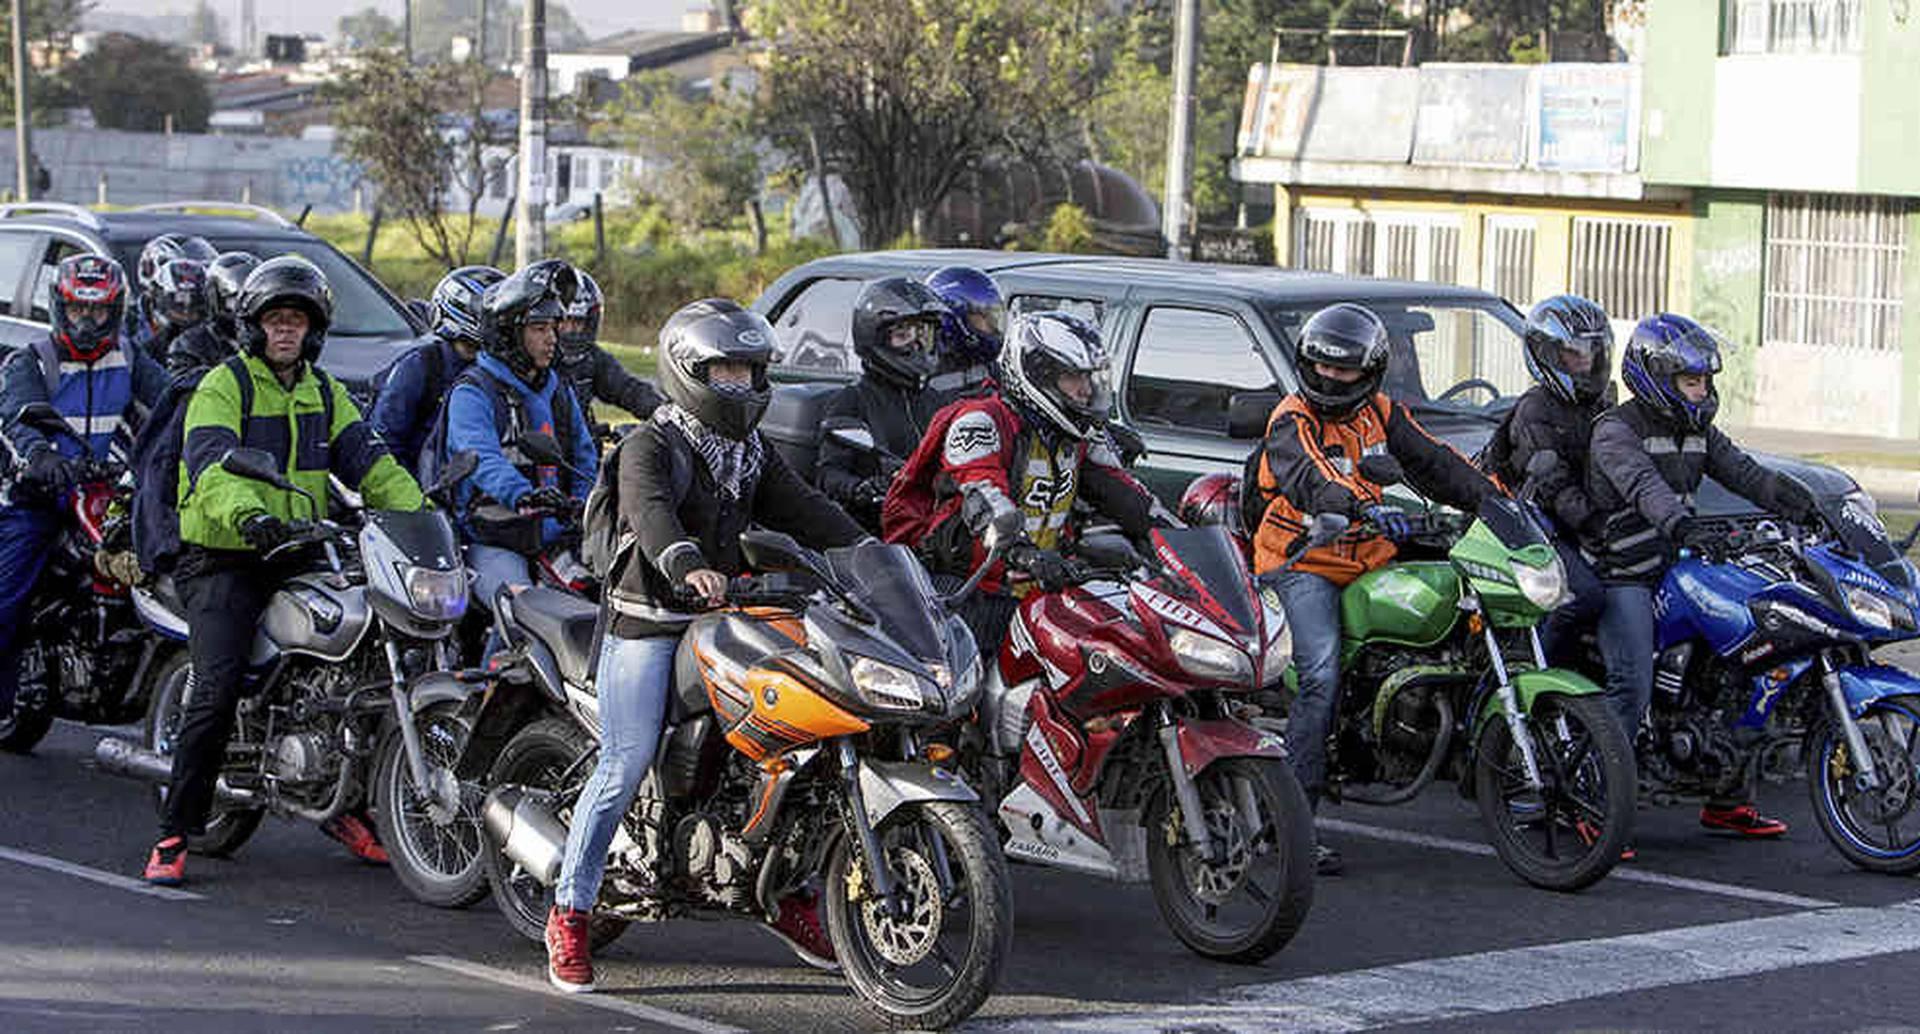 Polémica por los procedimientos en la inmovilización de motos en el país/Foto: archivo SEMANA